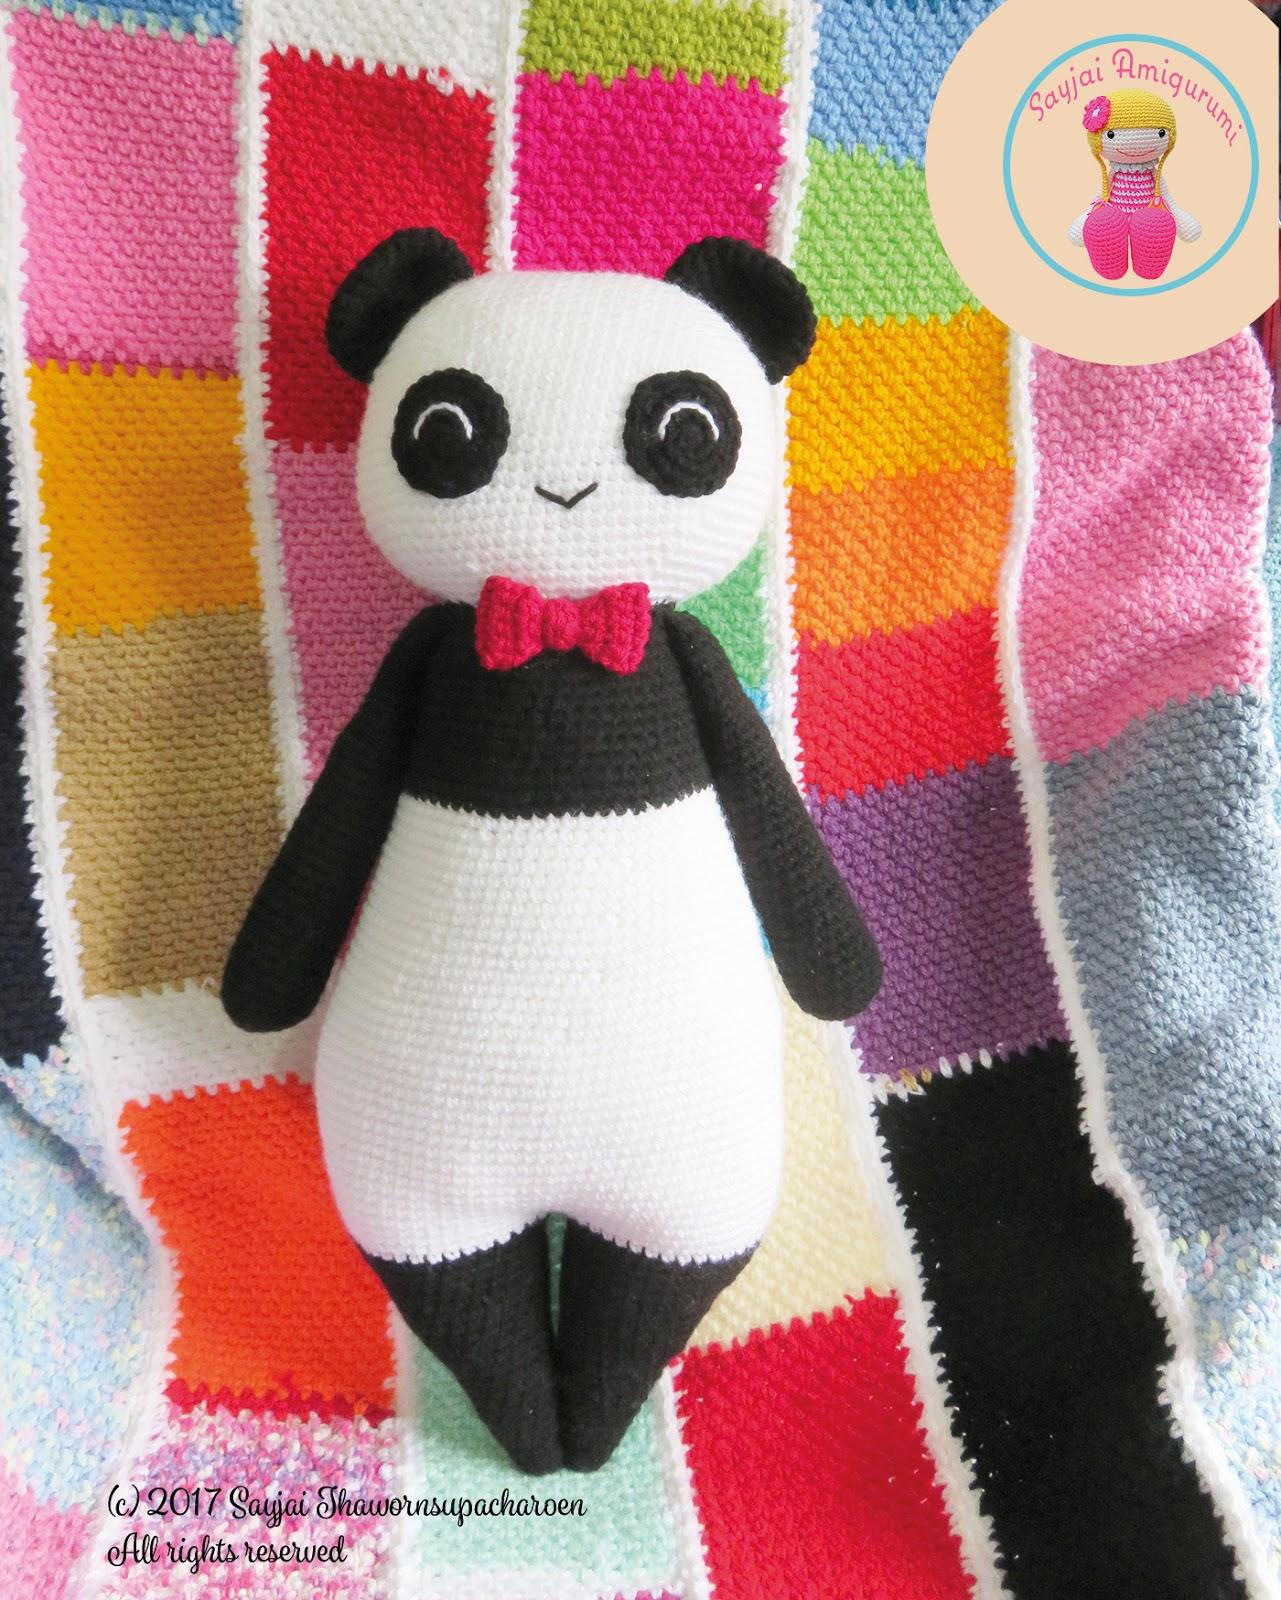 Grote Pandabeer Amigurumi Haakpatroon Amigurumi Haak Patronen